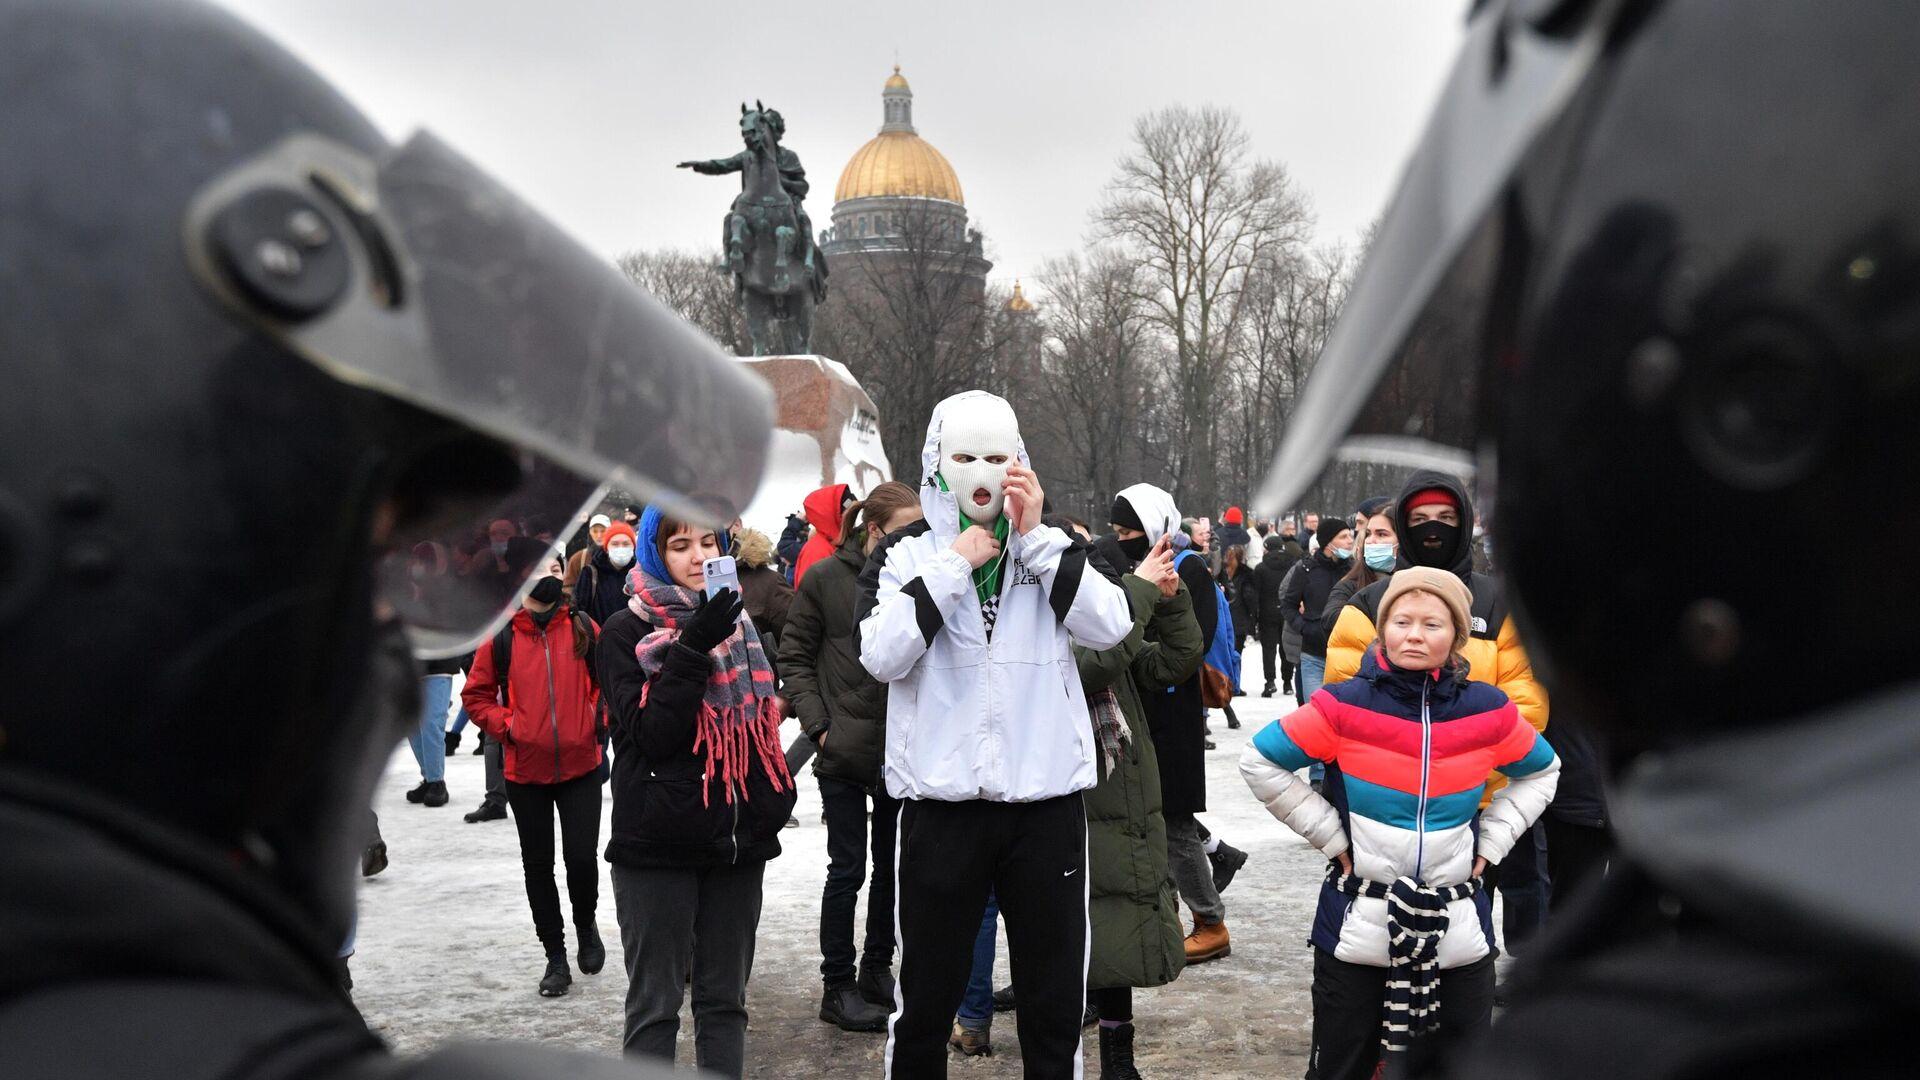 Участники несанкционированной акции сторонников Алексея Навального в Санкт-Петербурге - РИА Новости, 1920, 26.01.2021